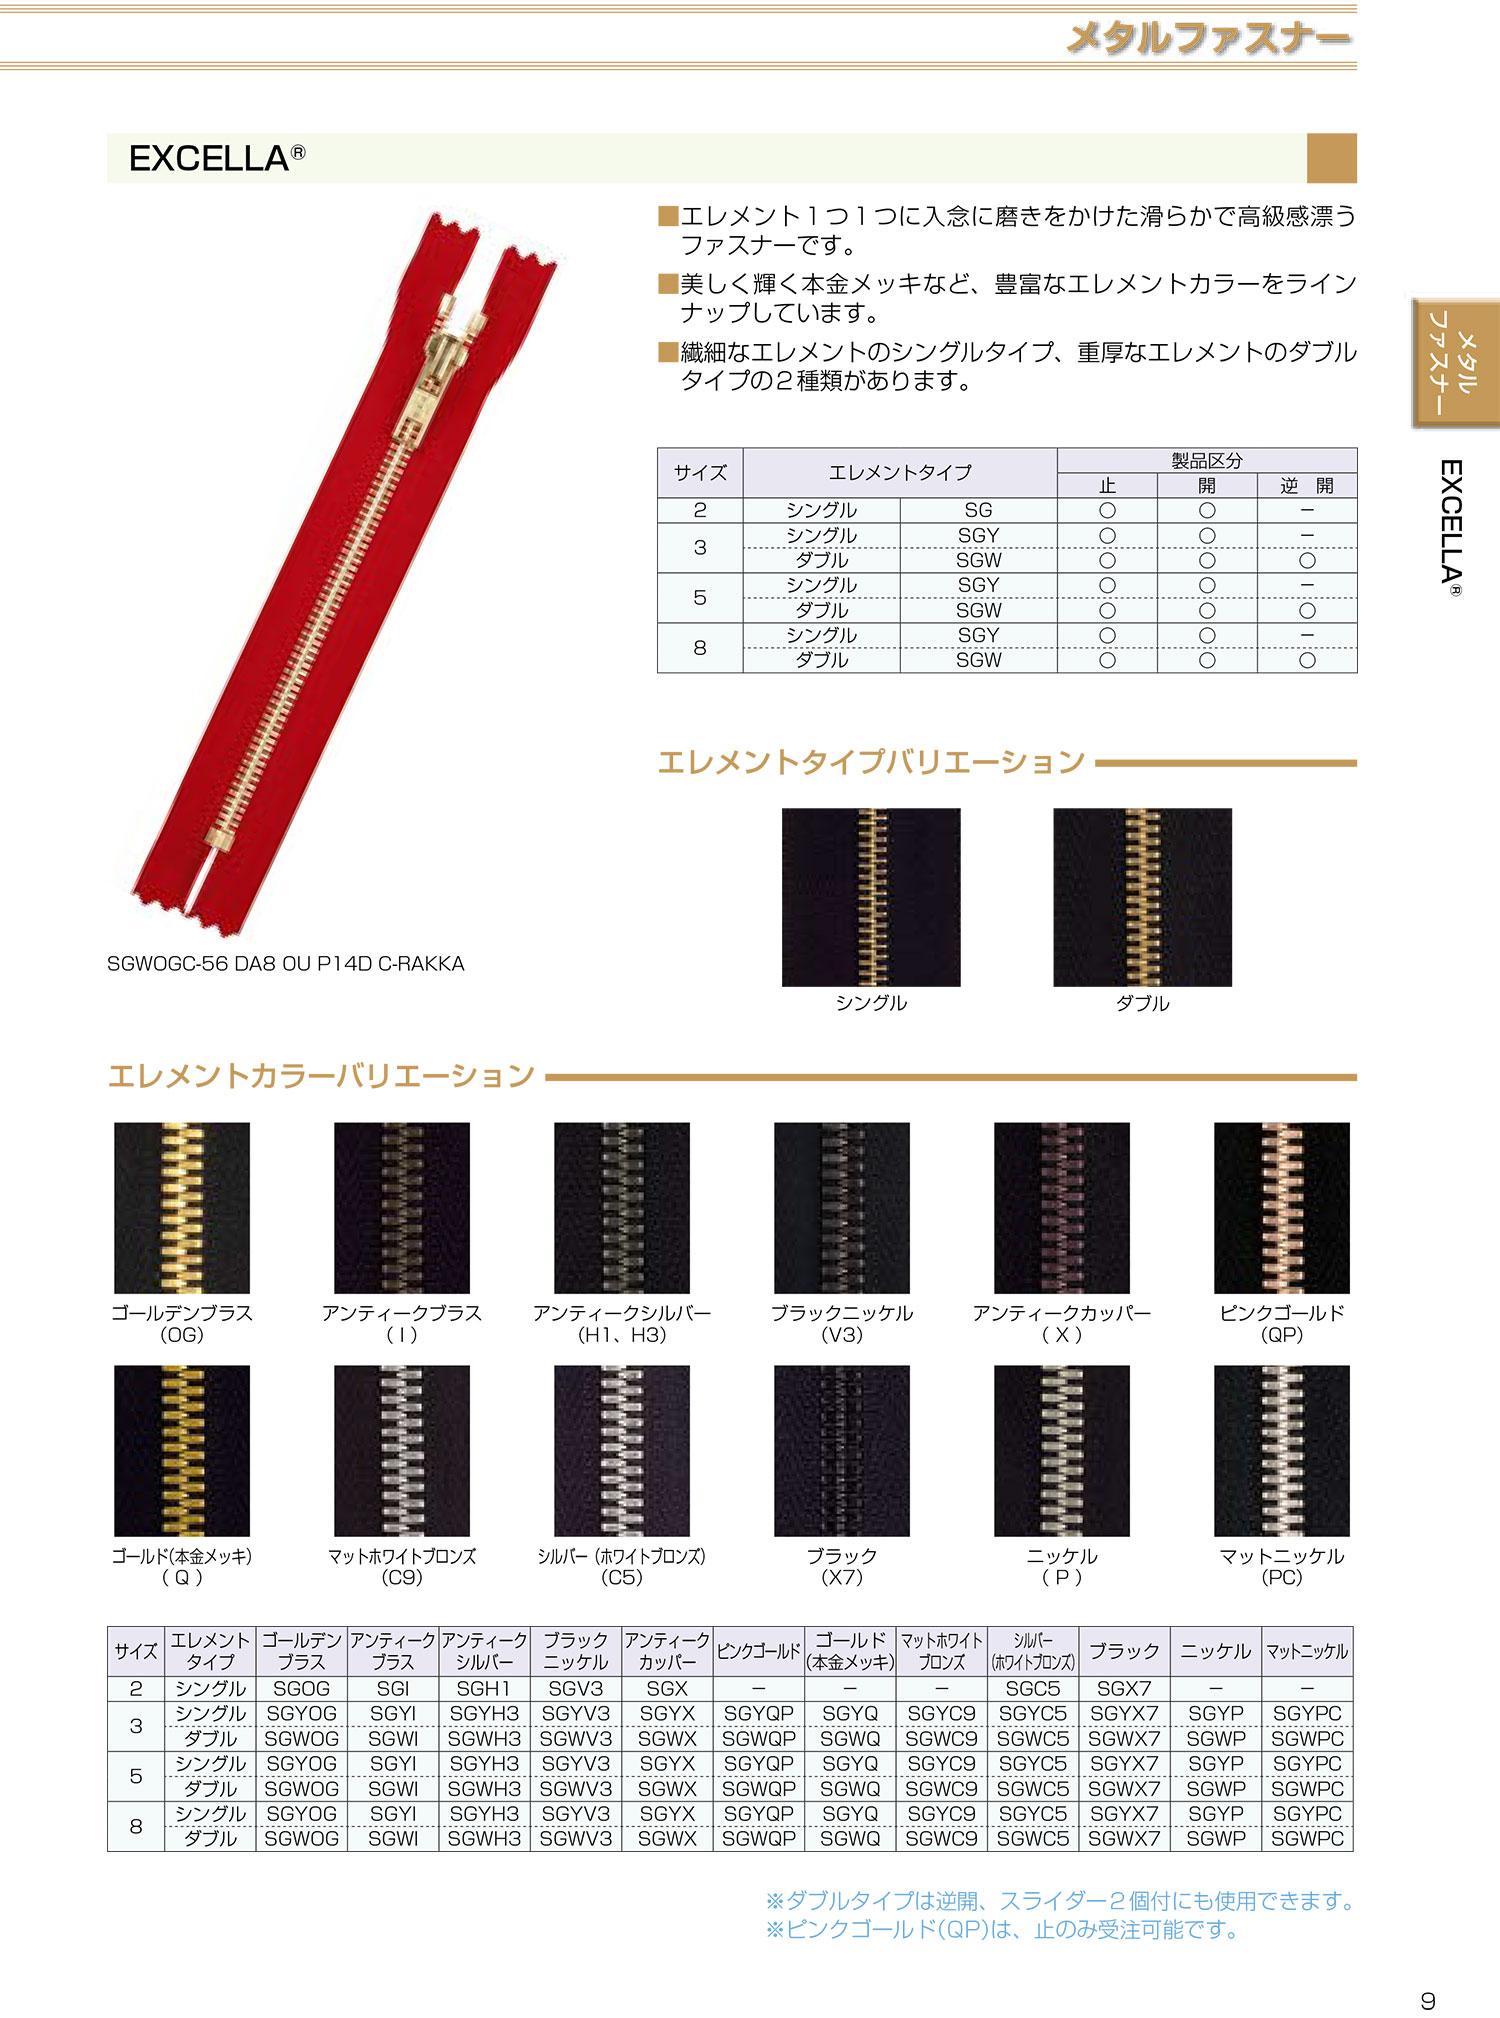 5SGWIMR エクセラ 5サイズ アンティークブラス 逆開 ダブル[ファスナー] YKK/オークラ商事 - ApparelX アパレル資材卸通販